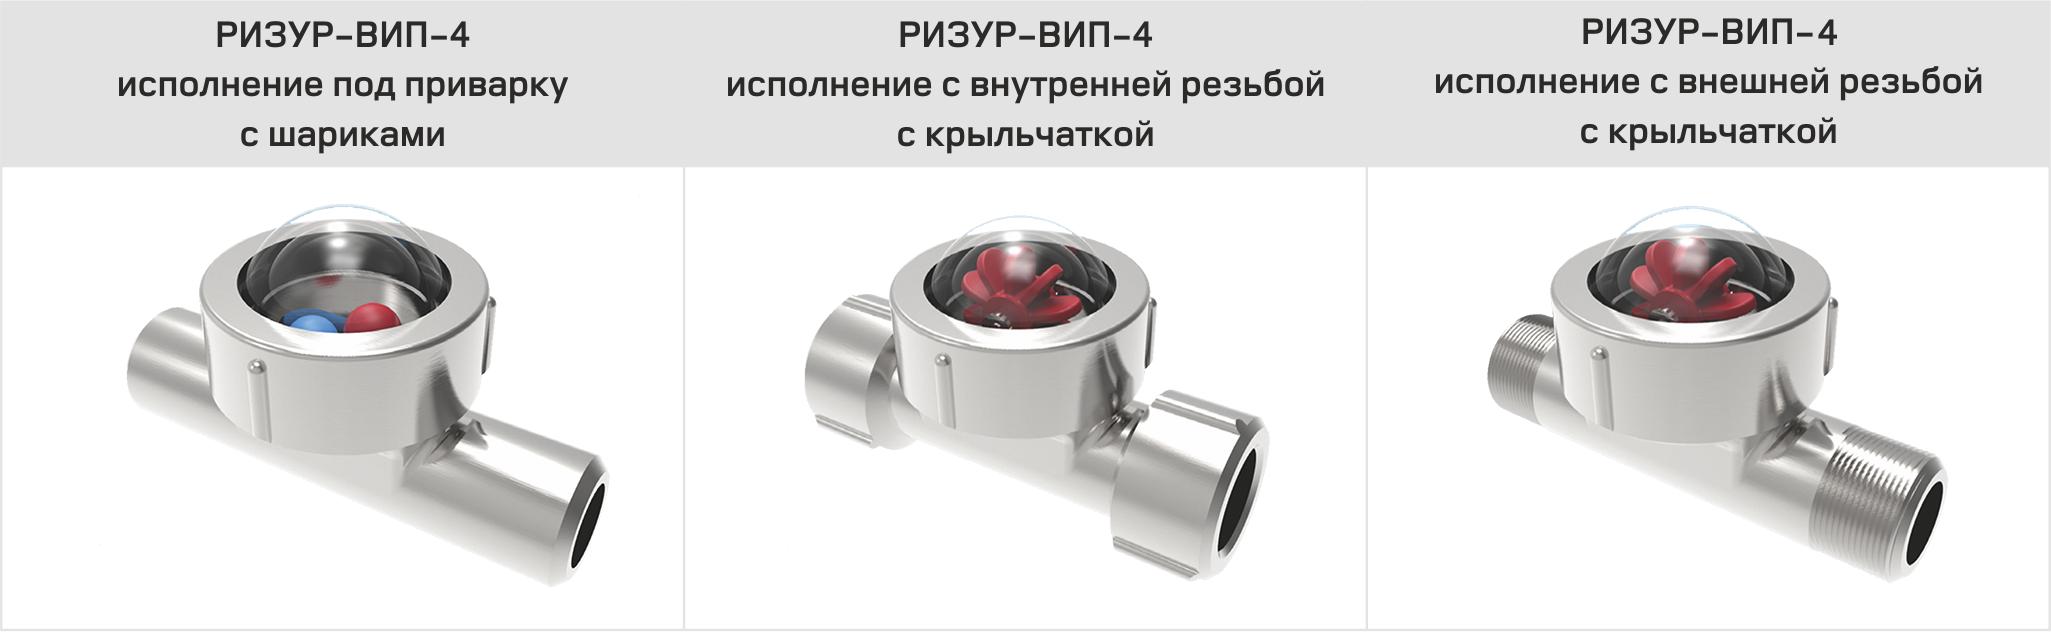 Визуальный индикатор (смотровой фонарь) потока РИЗУР-ВИП-4